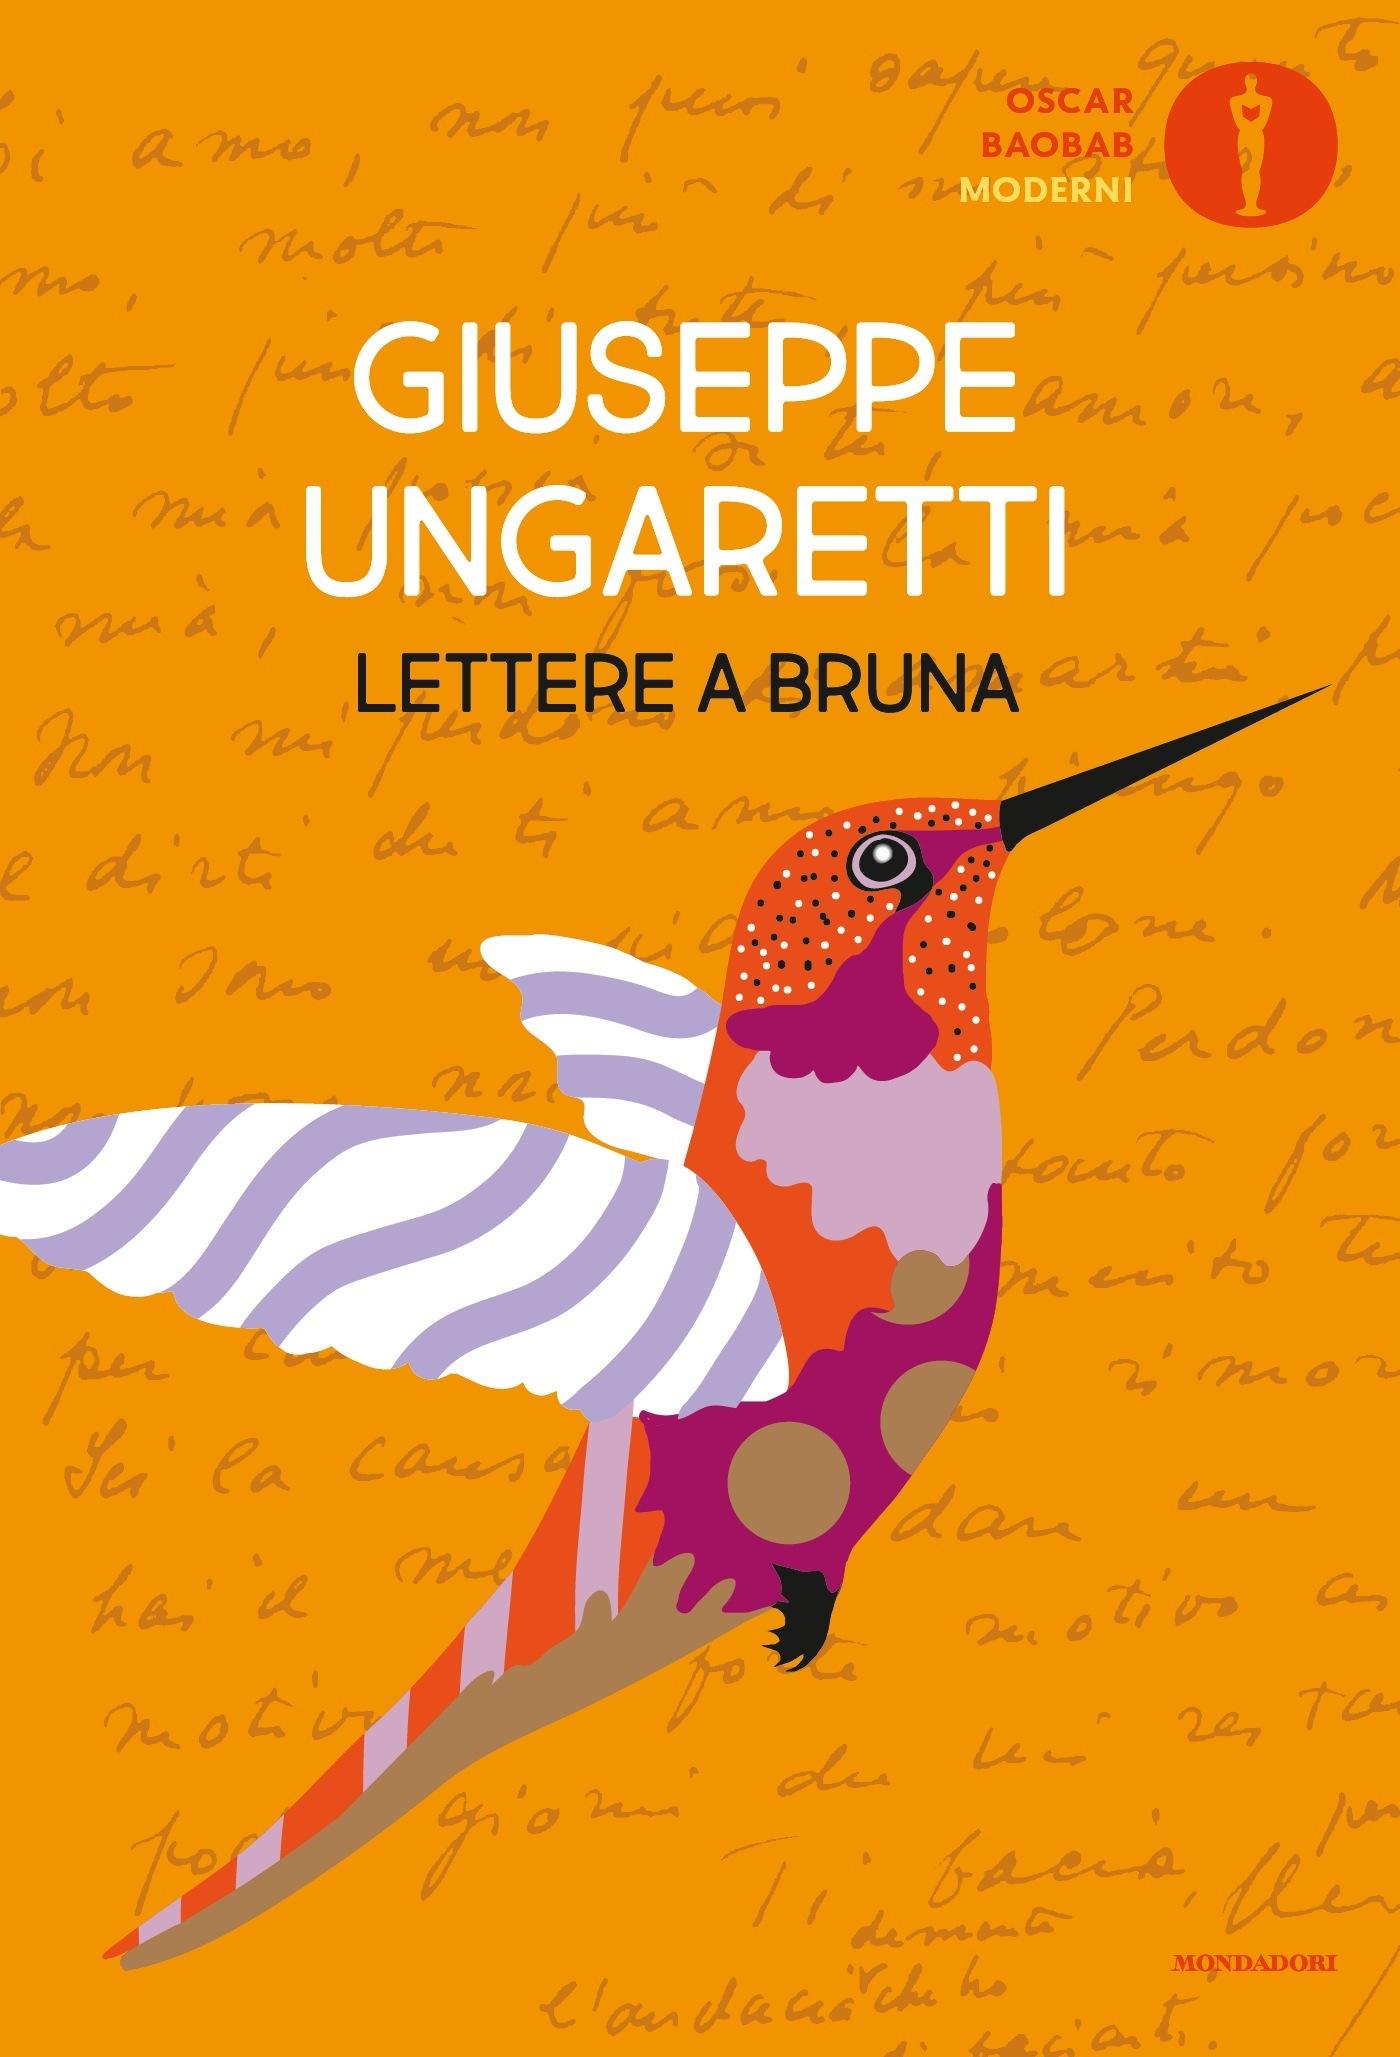 Le lettere di ungaretti a bruna oscar mondadori - Poesia lo specchio ...